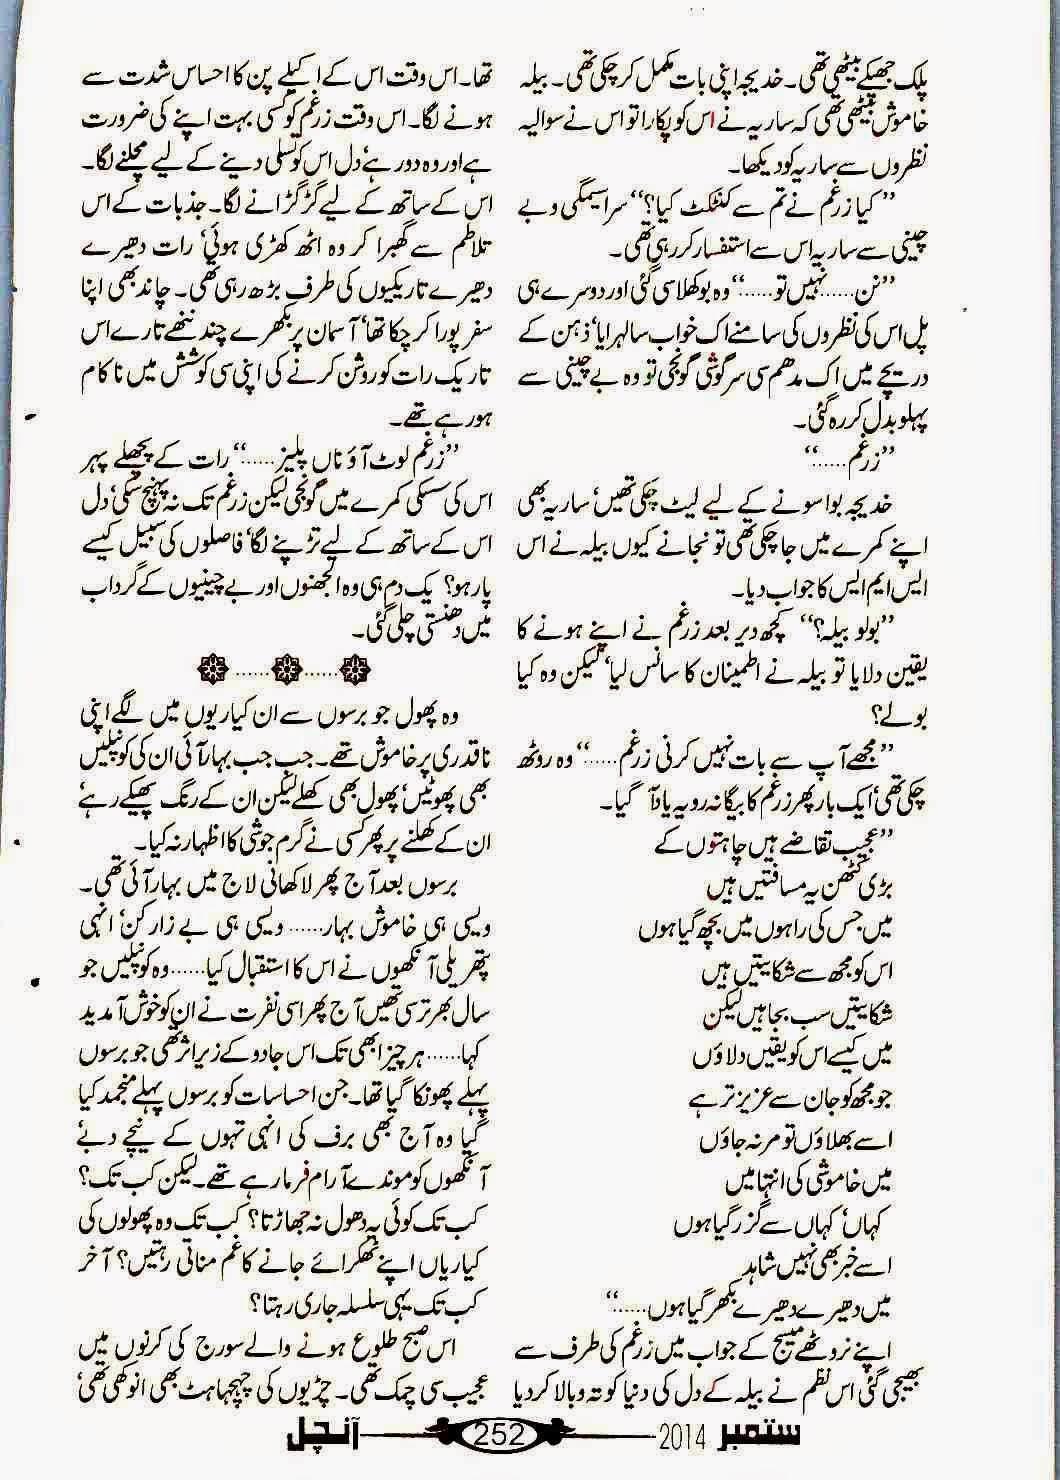 Free Urdu Digests: Tum chand ban keh rehna by Saima